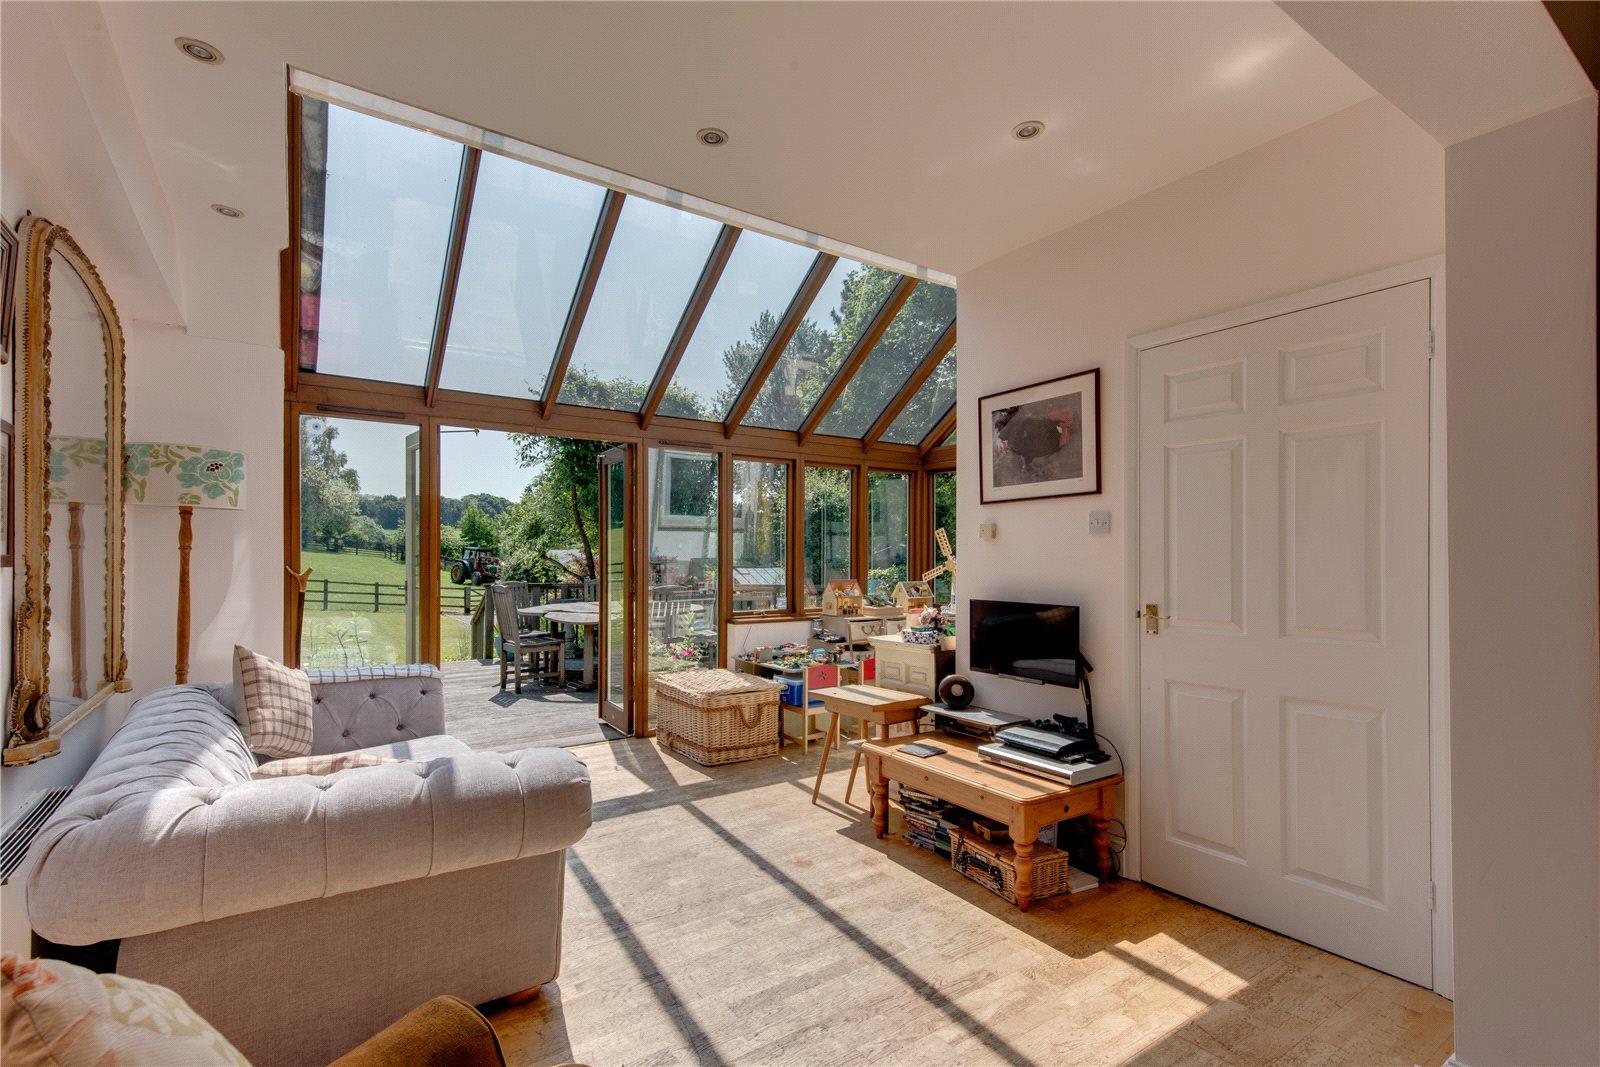 獨棟家庭住宅 為 出售 在 Reynards Road, Welwyn, Hertfordshire, AL6 Welwyn, 英格蘭